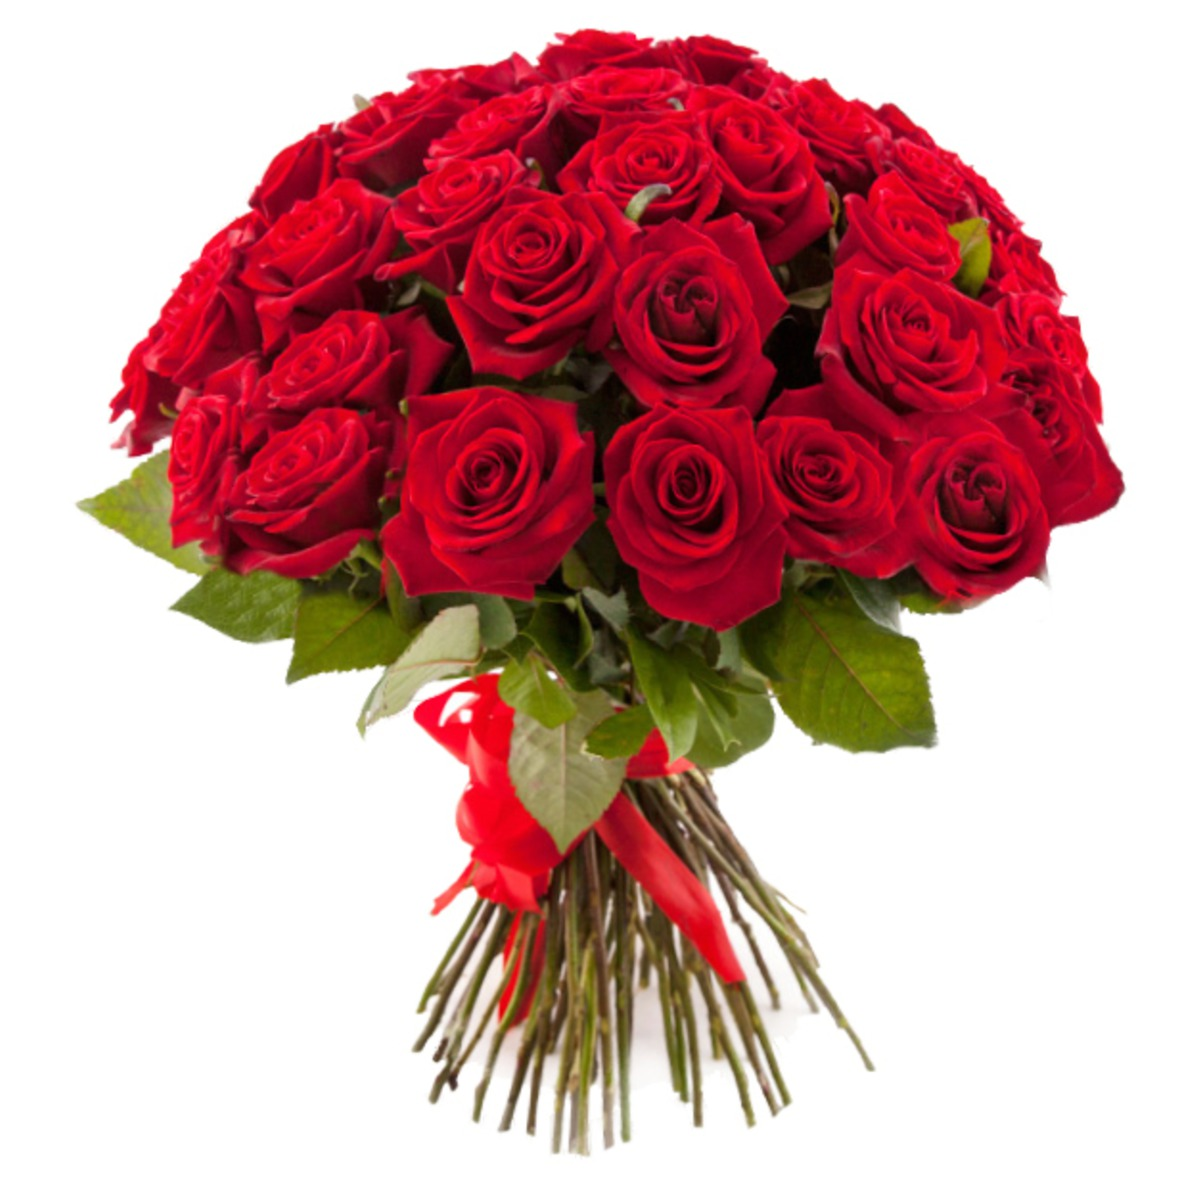 Букет роз – это символ крепкой и страстной любви.